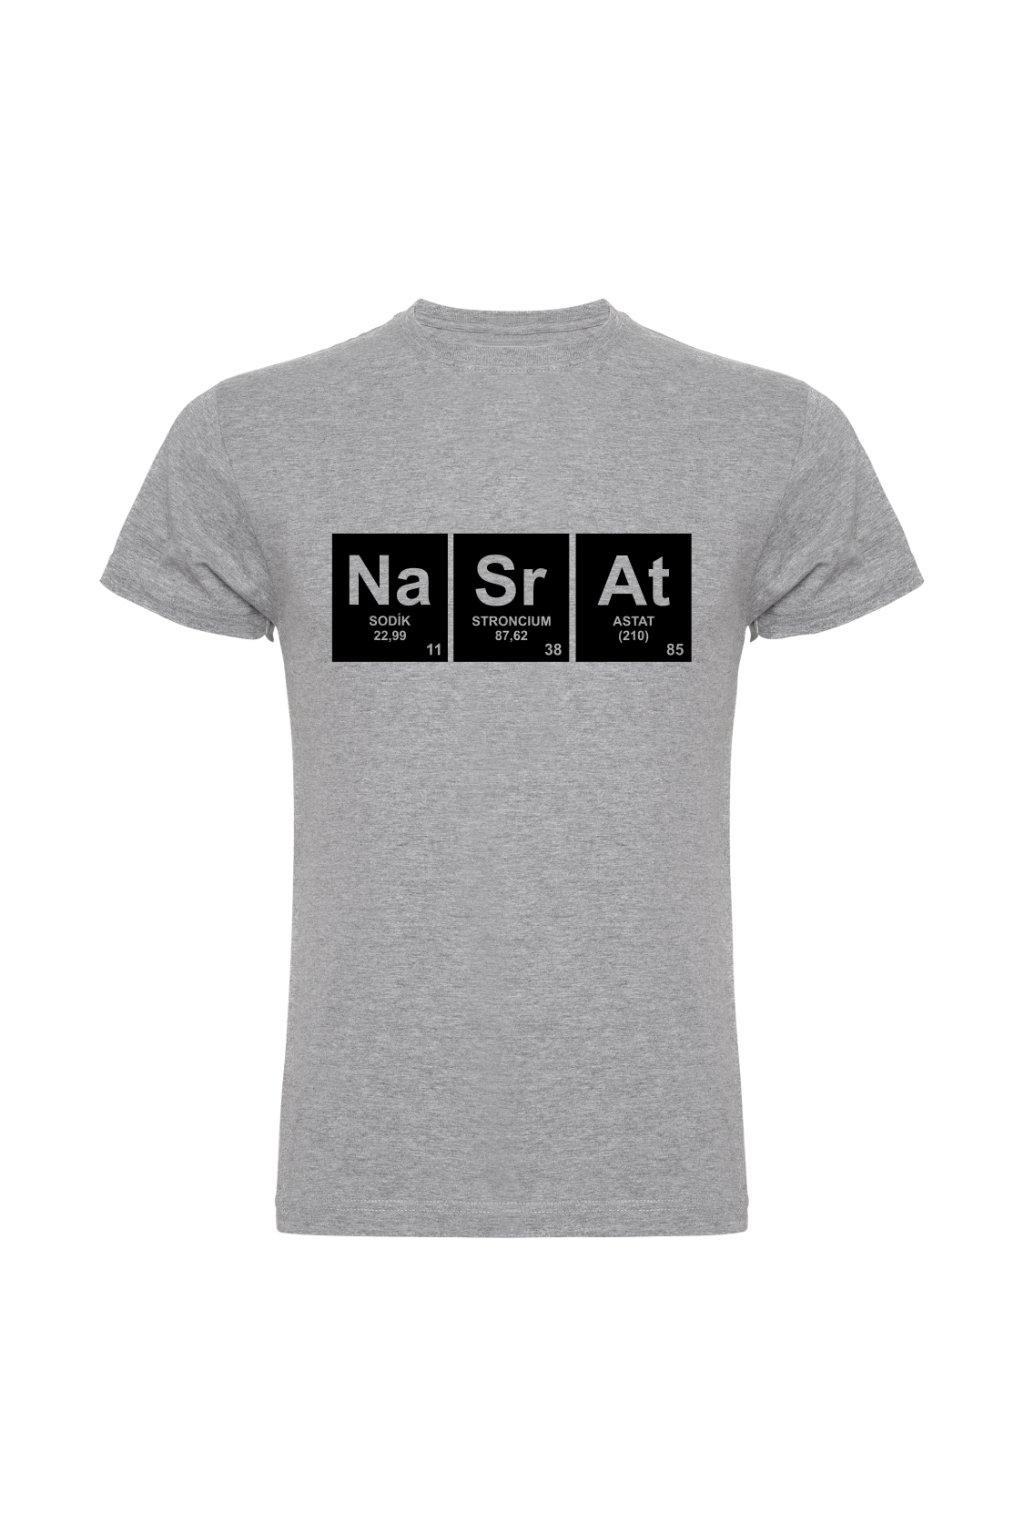 chemik nasrat šedá melír